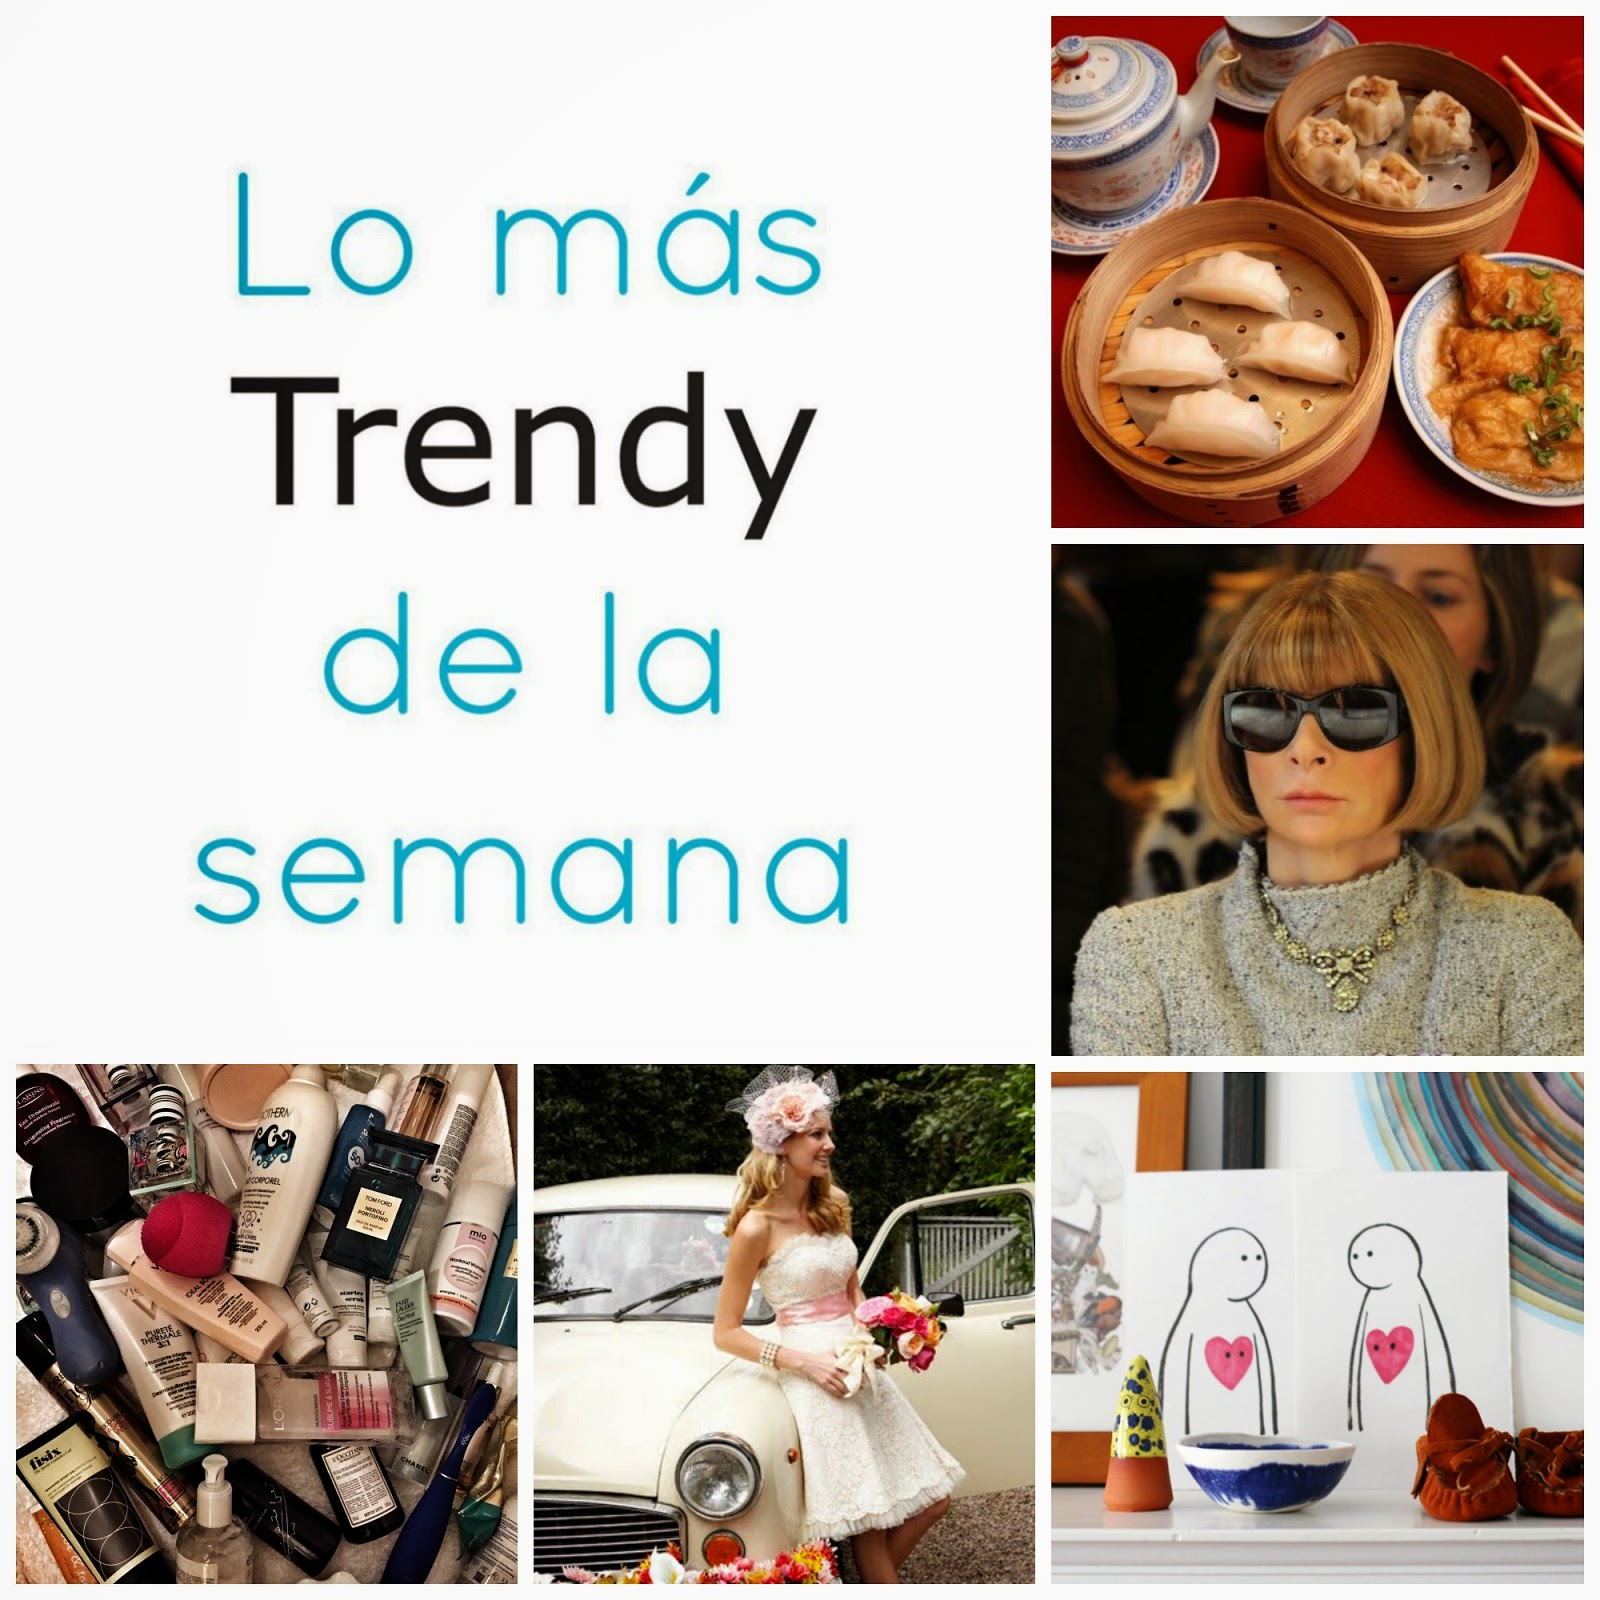 Lo mas trendy de la semana planes recomendaciones links Madrid fin de semana moda estilo